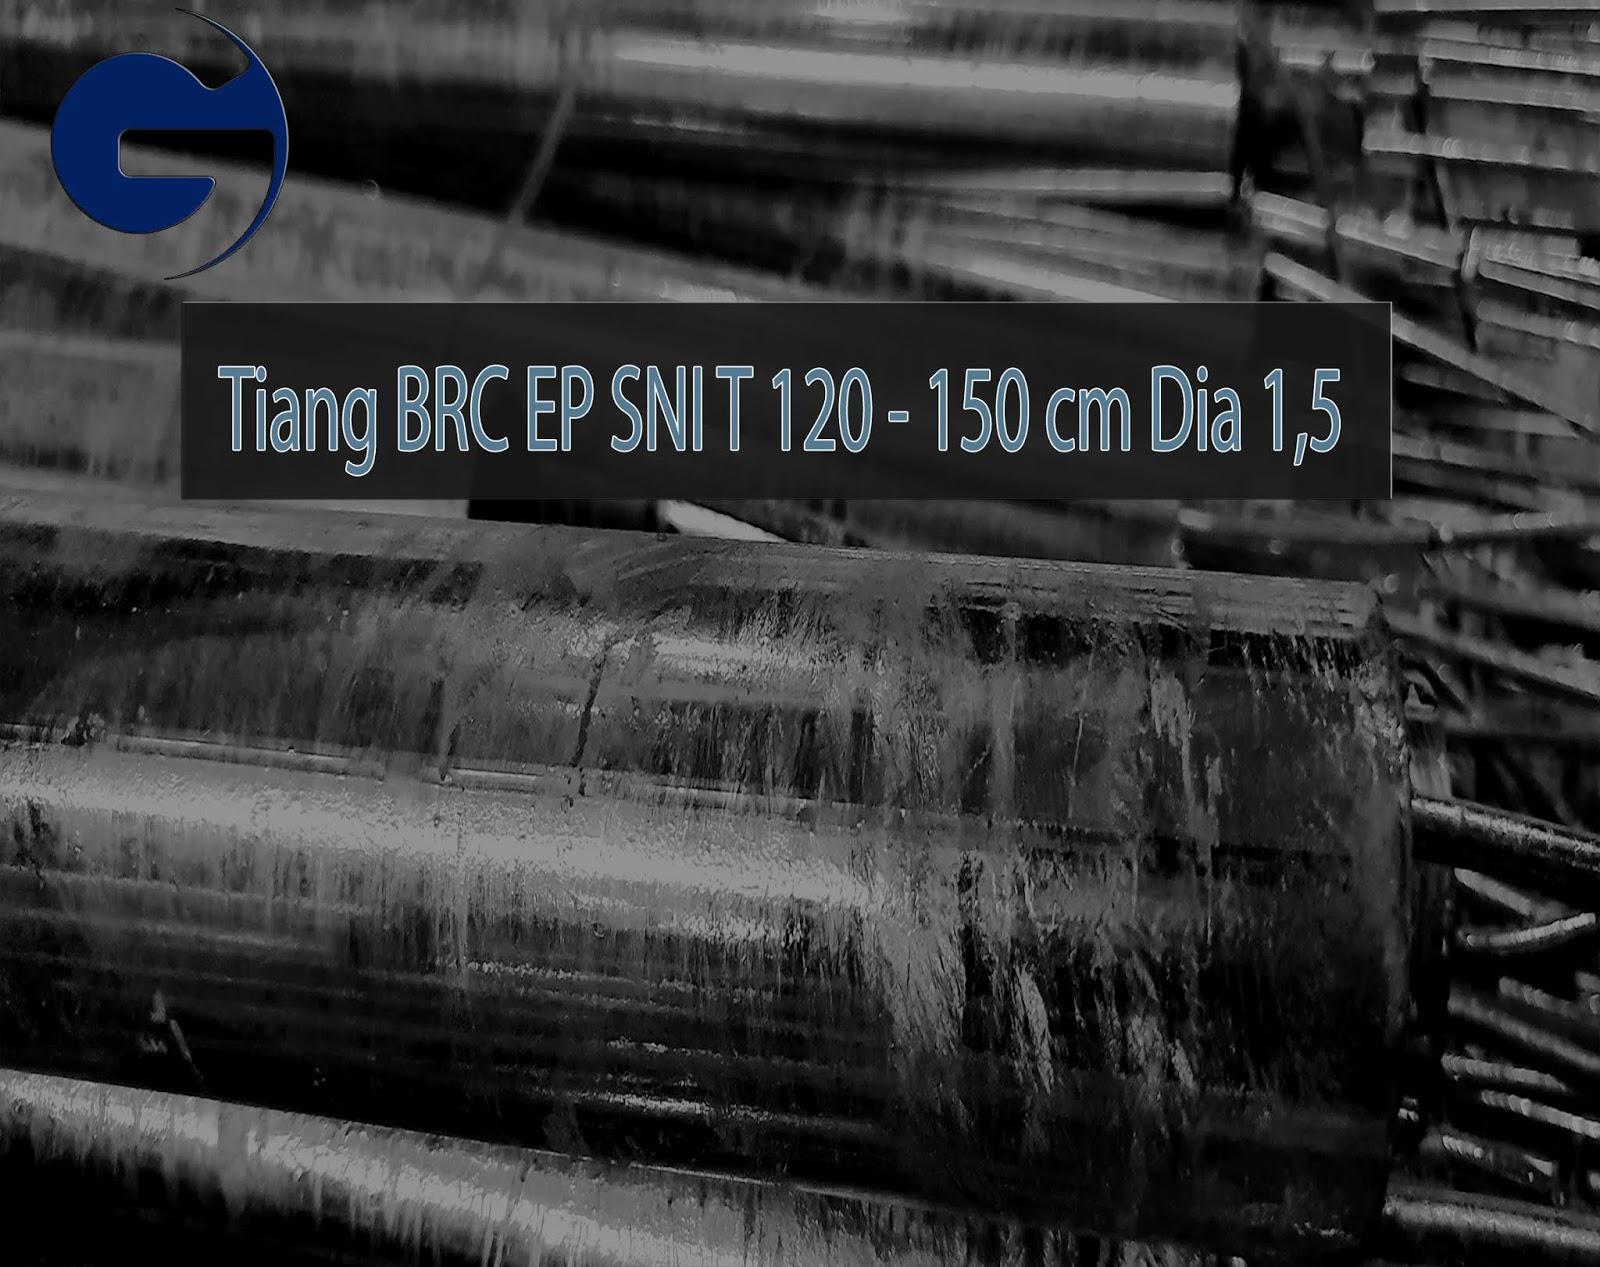 Jual Tiang BRC EP SNI T 150 CM Dia 1,5 Inch